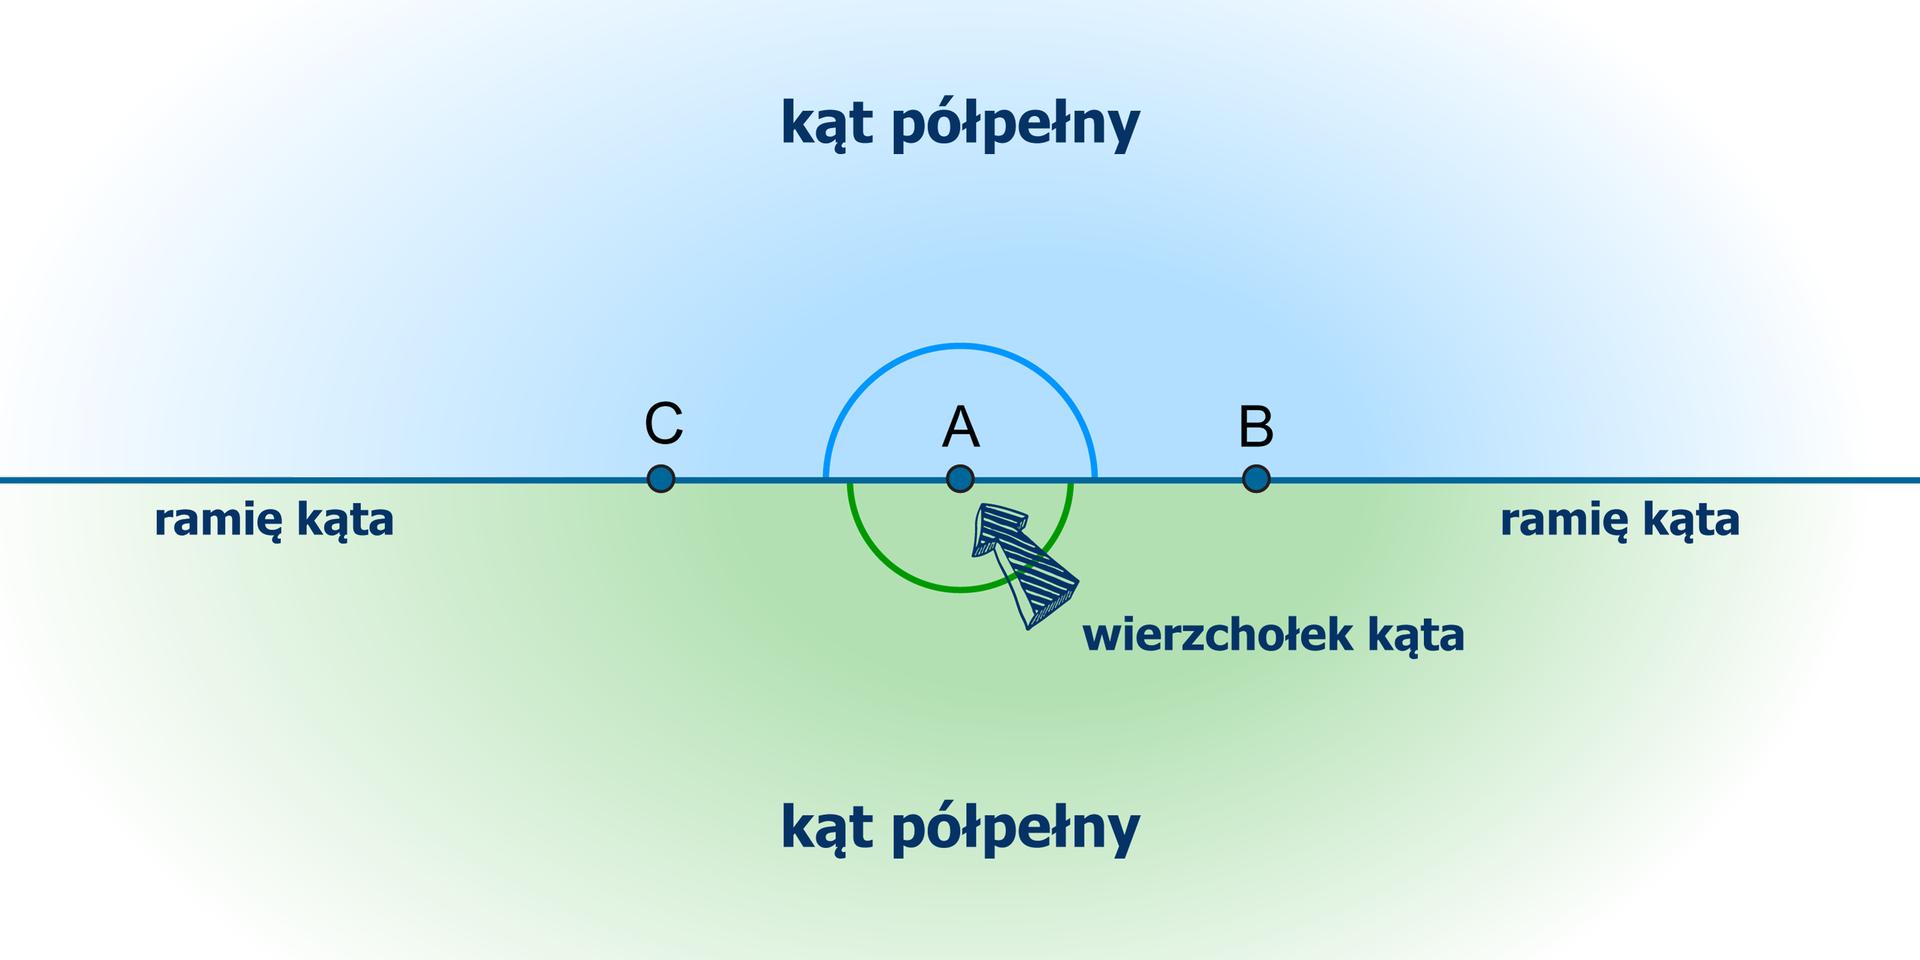 Rysunek dwóch kątów półpełnych CABwyznaczonych przez półproste CA iAB. Zaznaczono wierzchołek kąta wpunkcie Airamiona kątów. Kąty oznaczone odpowiednimi łukami.